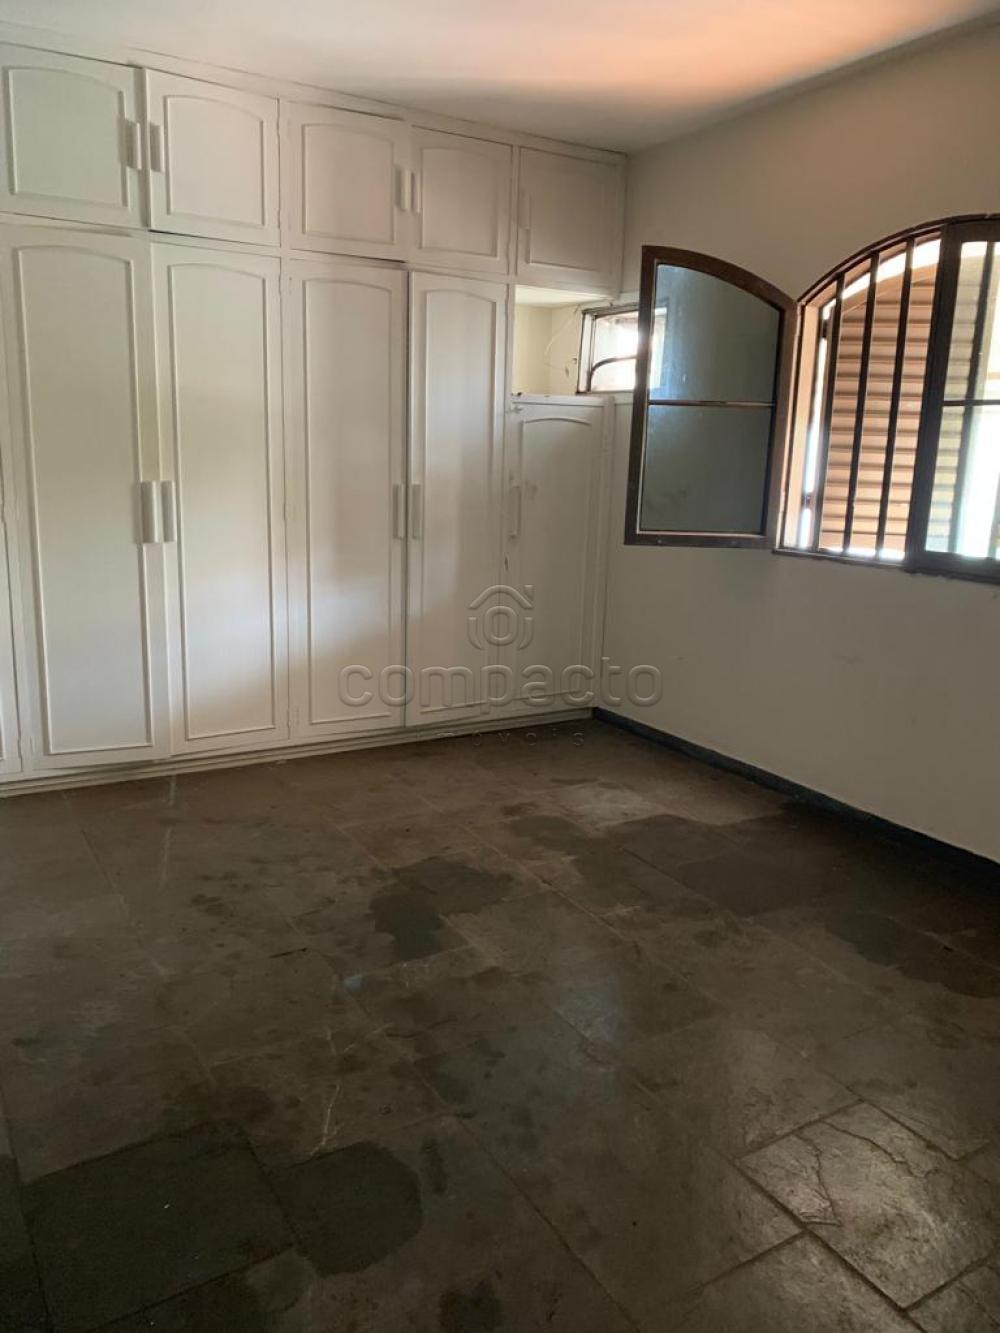 Alugar Comercial / Casa em São José do Rio Preto apenas R$ 7.000,00 - Foto 18